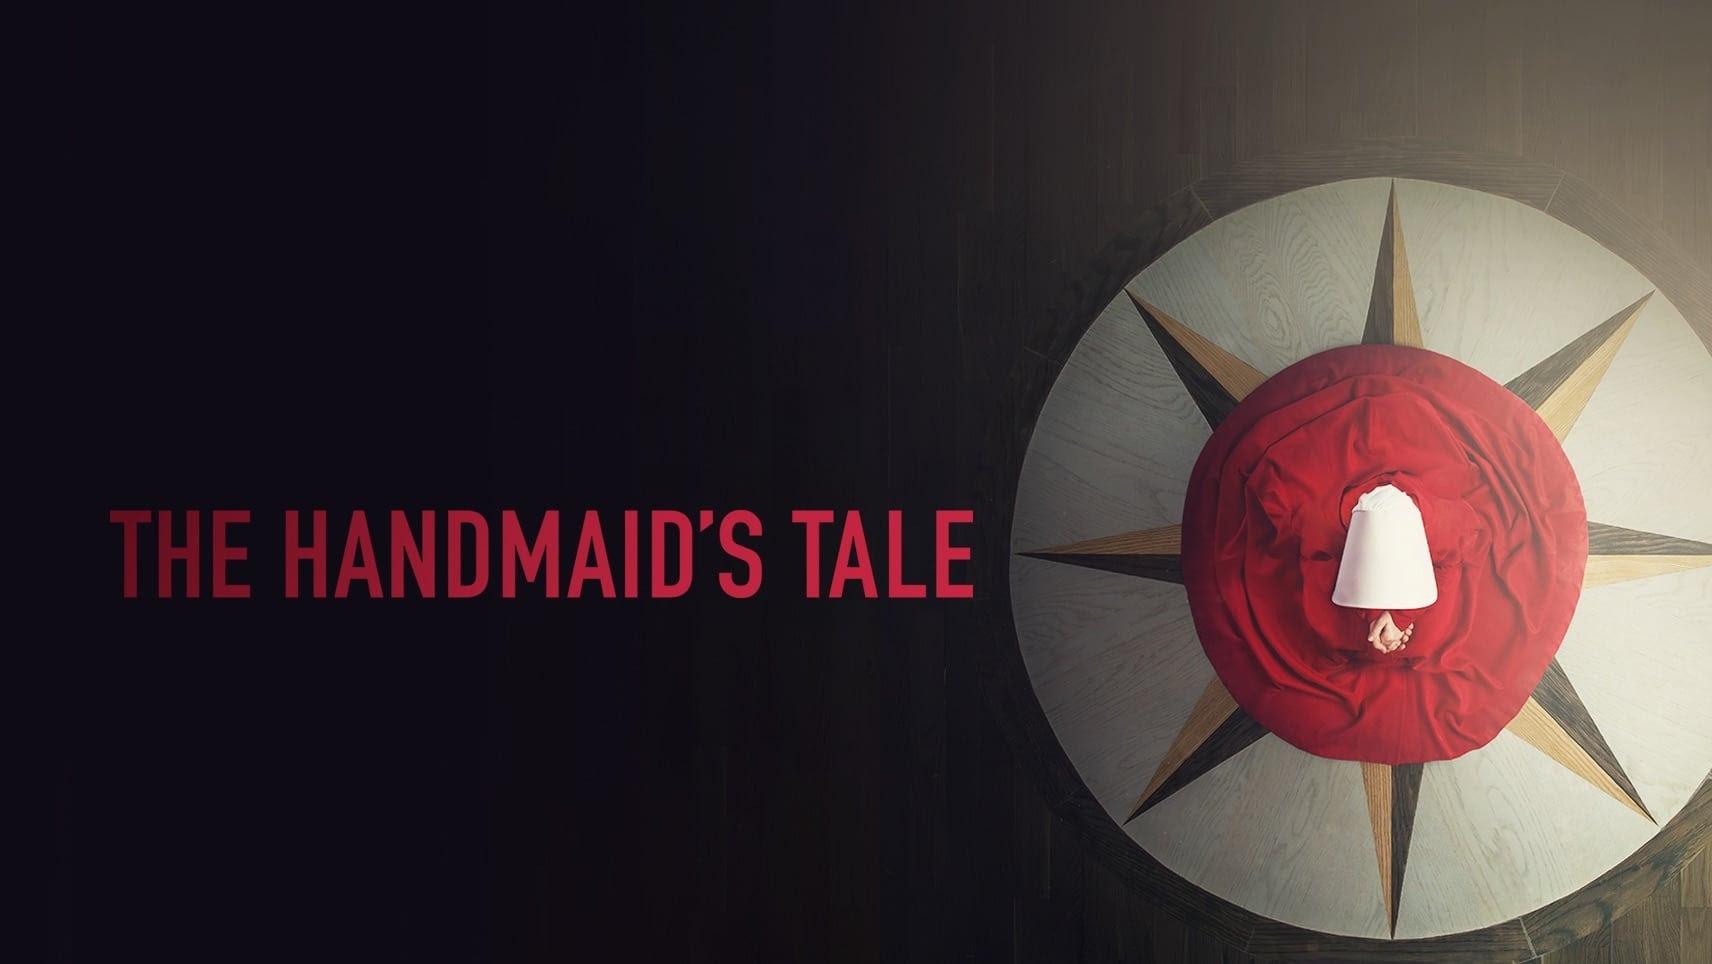 The Handmaid's Tale S4E9